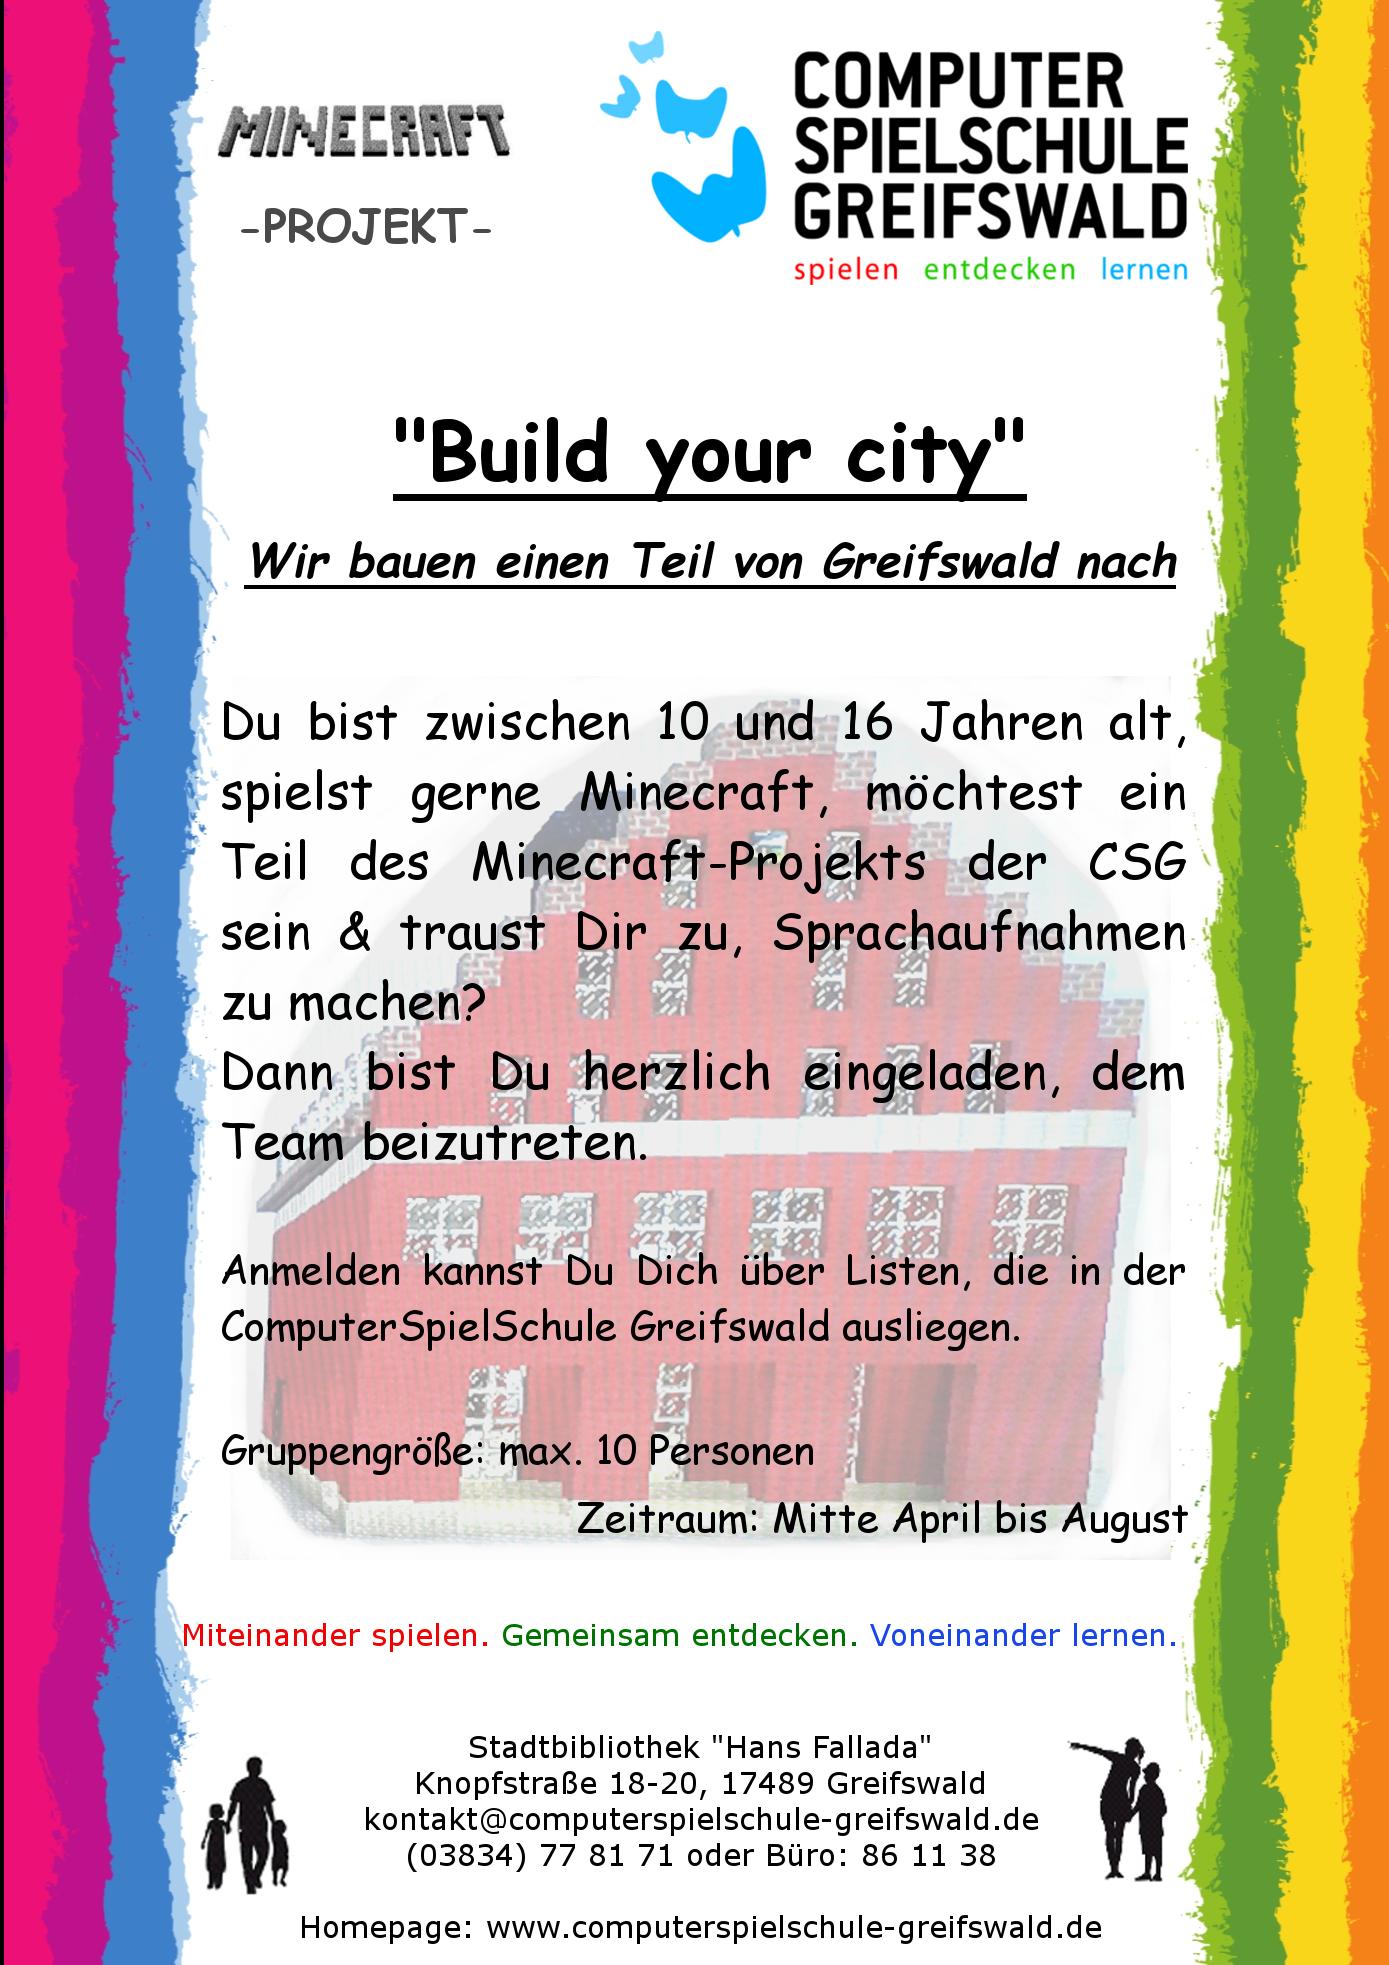 ComputerSpielSchule Greifswald - Minecraft anmelden und spielen